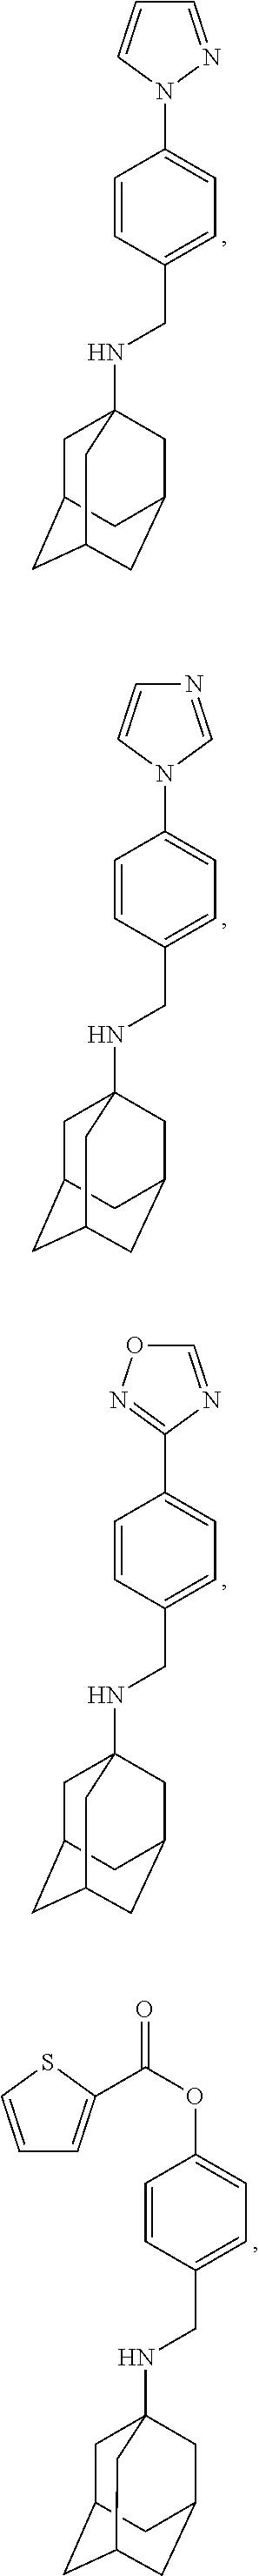 Figure US09884832-20180206-C00012